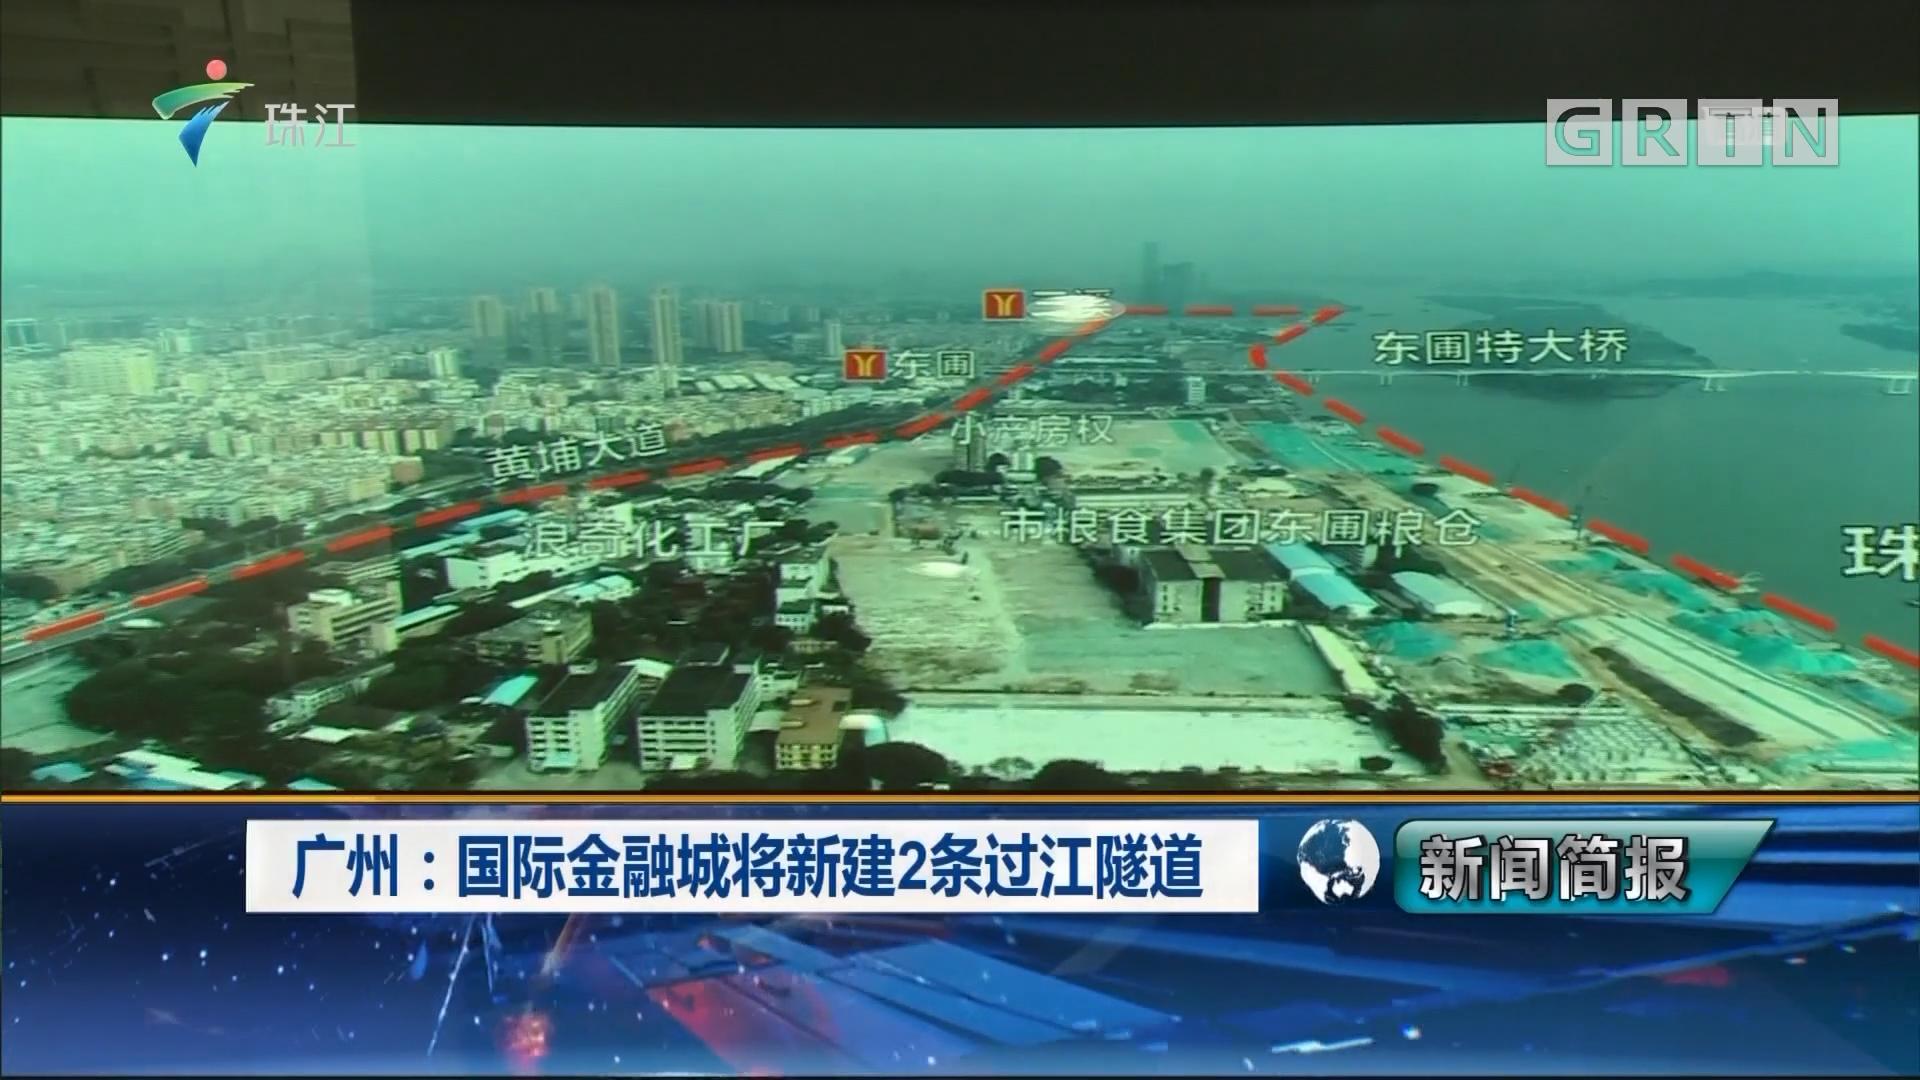 广州:国际金融城将新建2条过江隧道